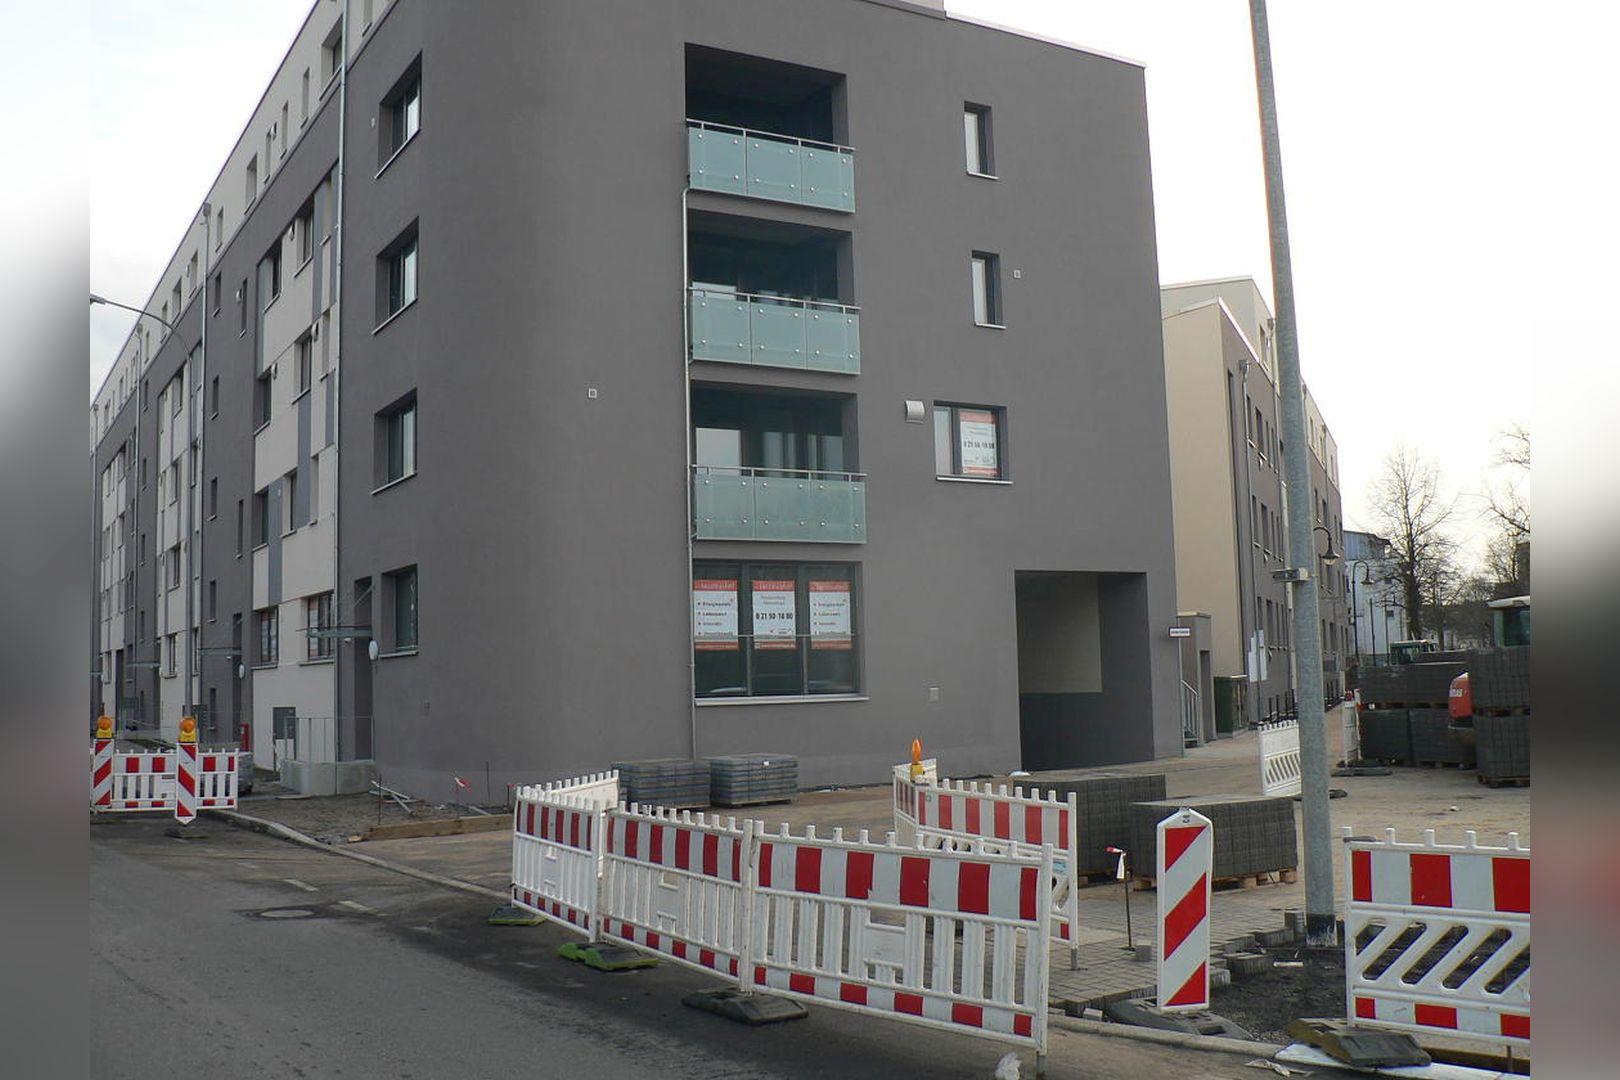 Immobilie Nr.Hilden 10 + 11 | Hochdahler Straße 9, 40721 Hilden